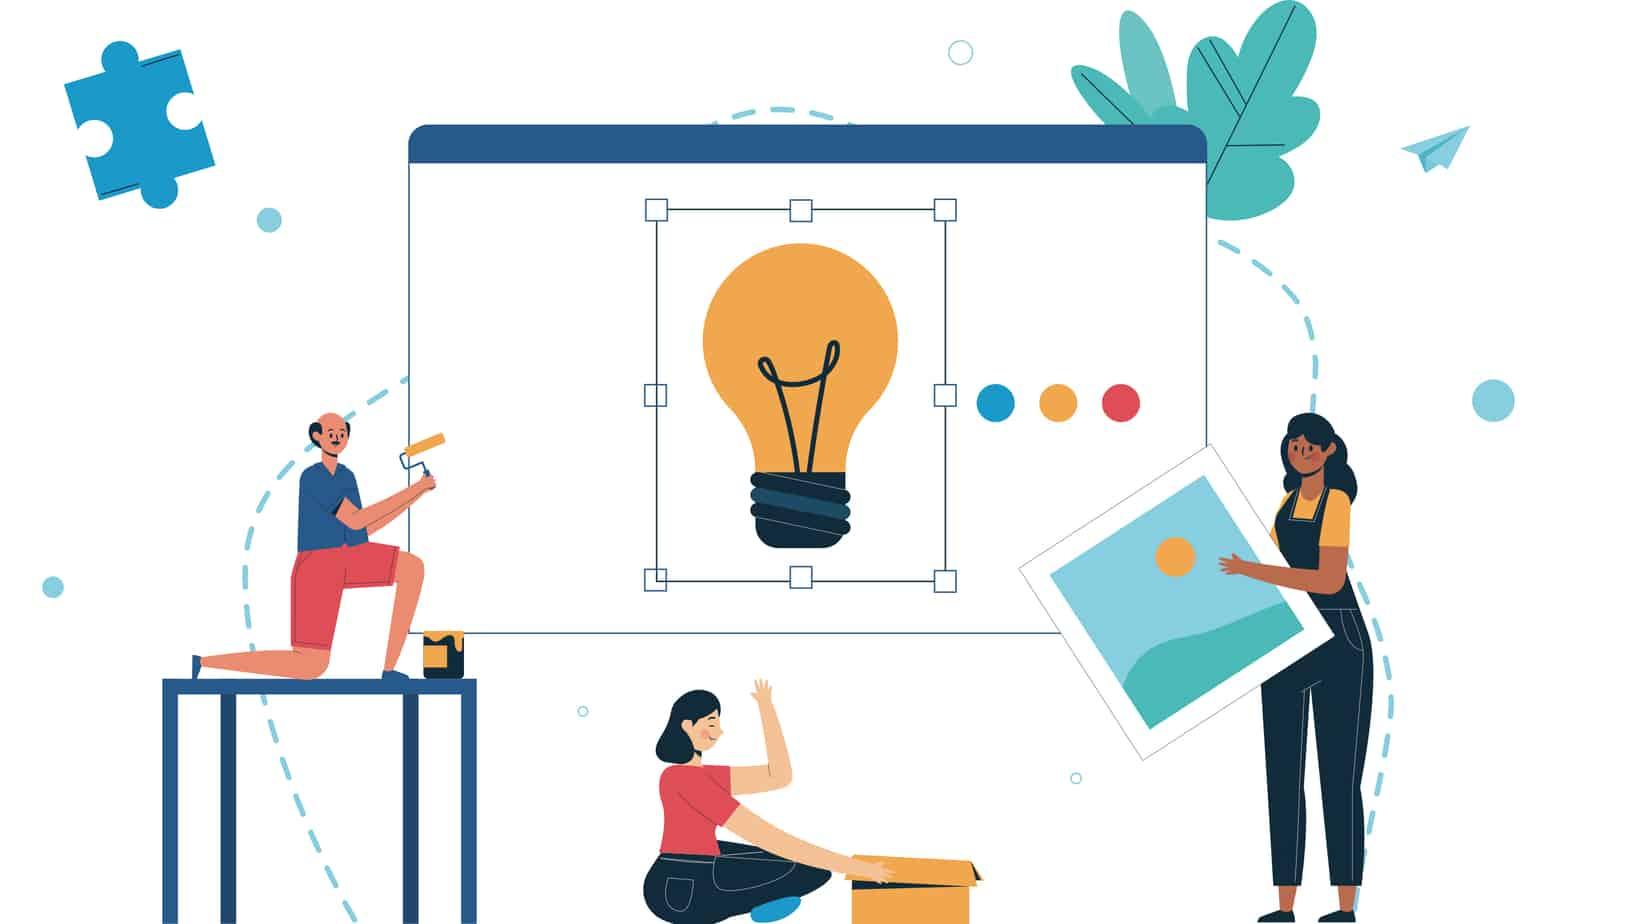 Maintaining Consistent Branding Through Design